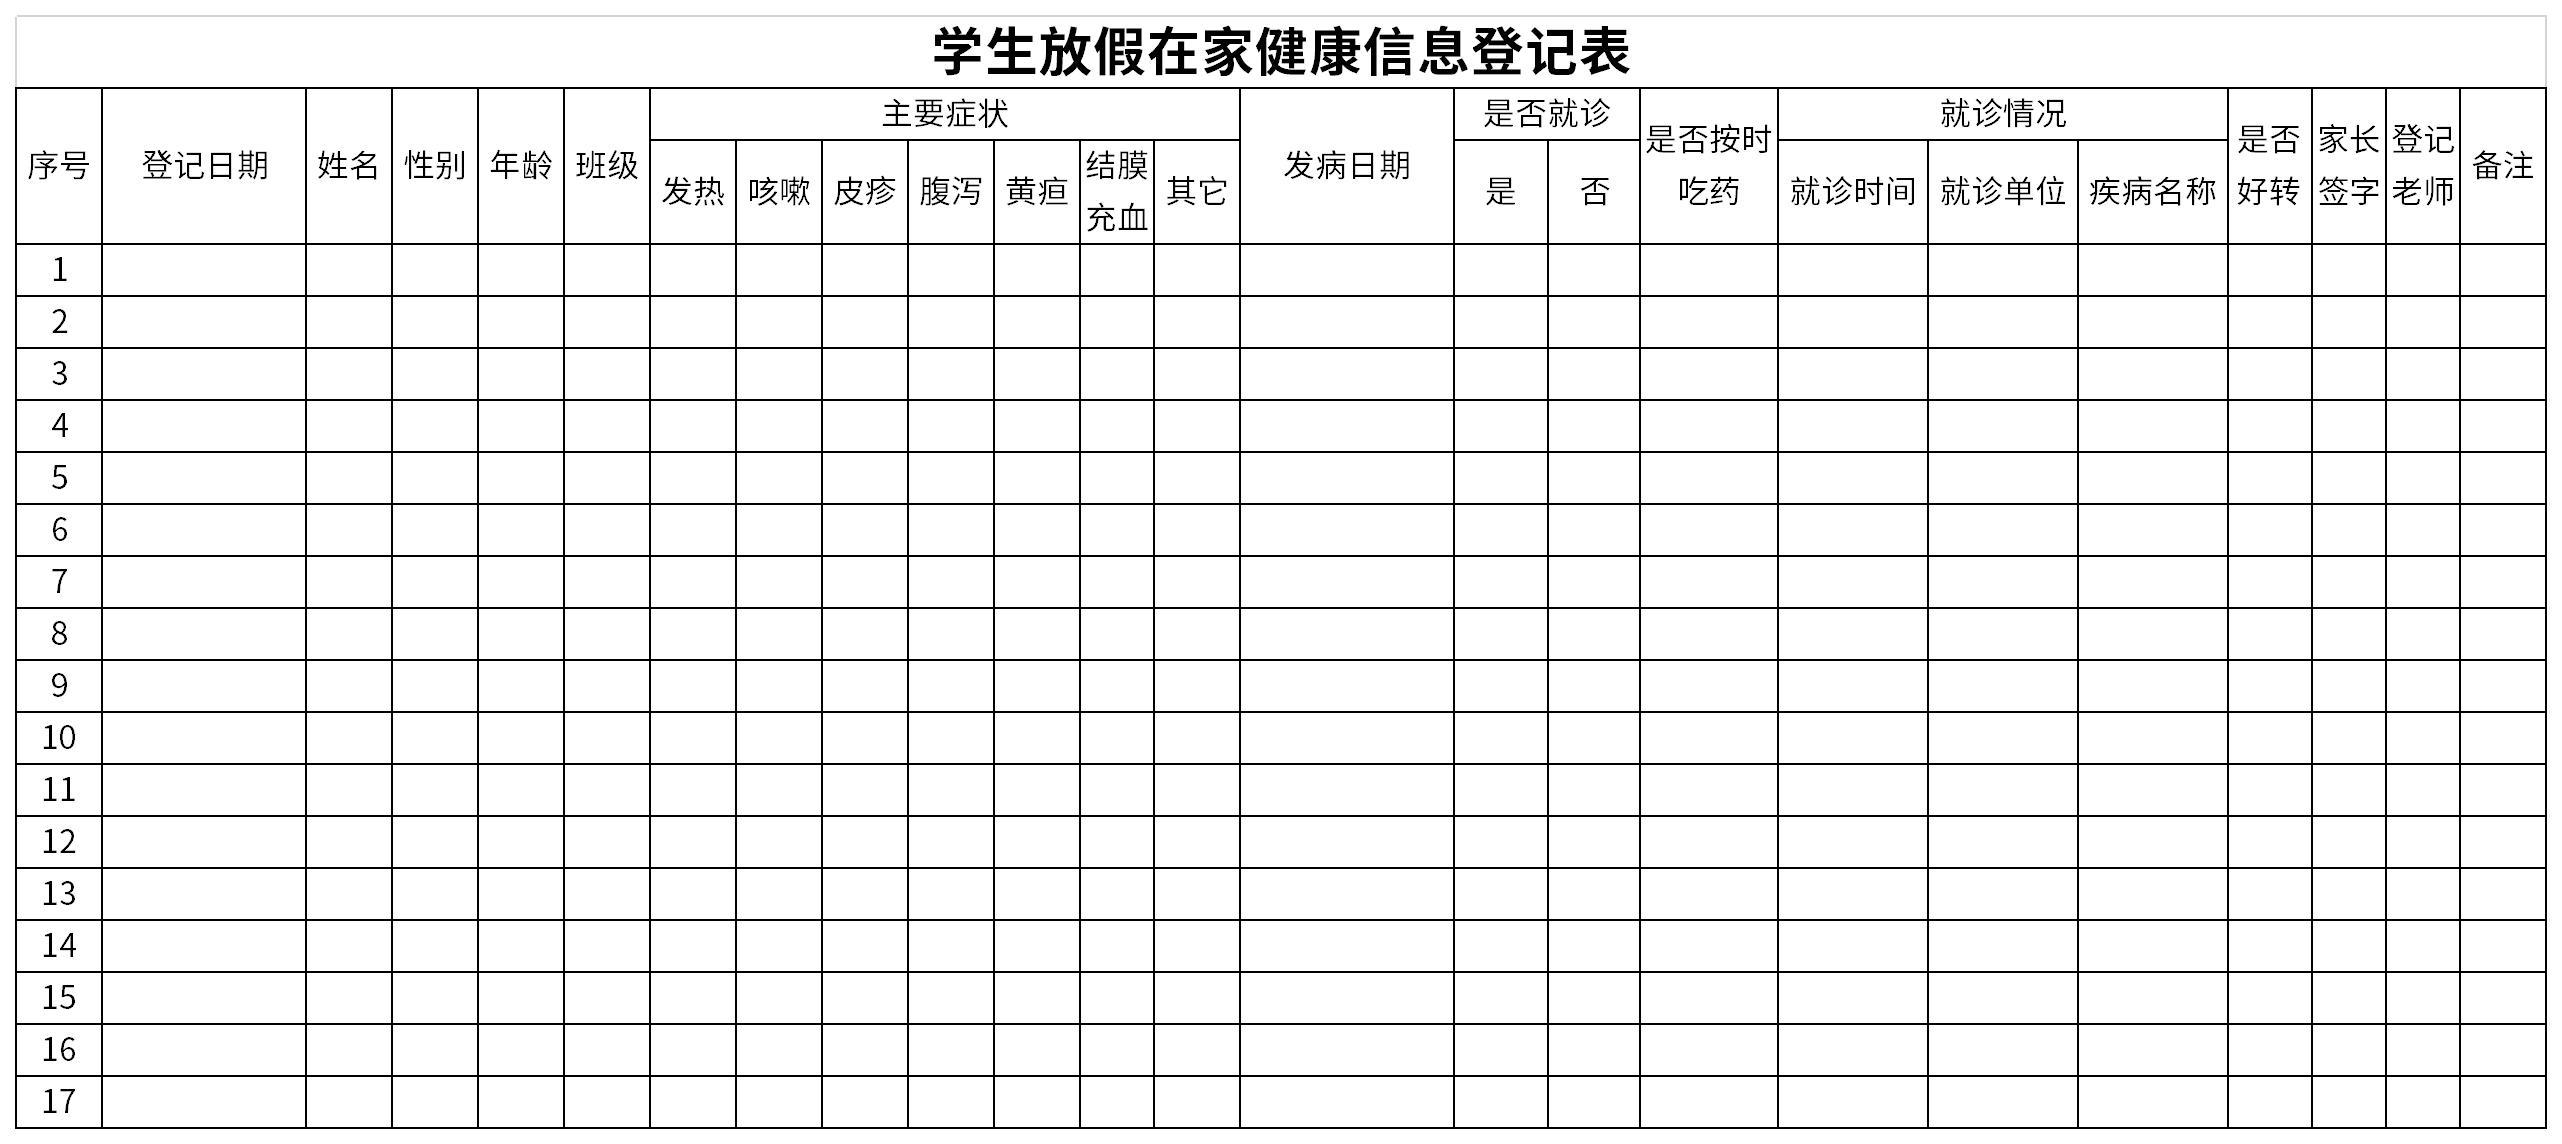 学生放假在家健康信息登记表截图